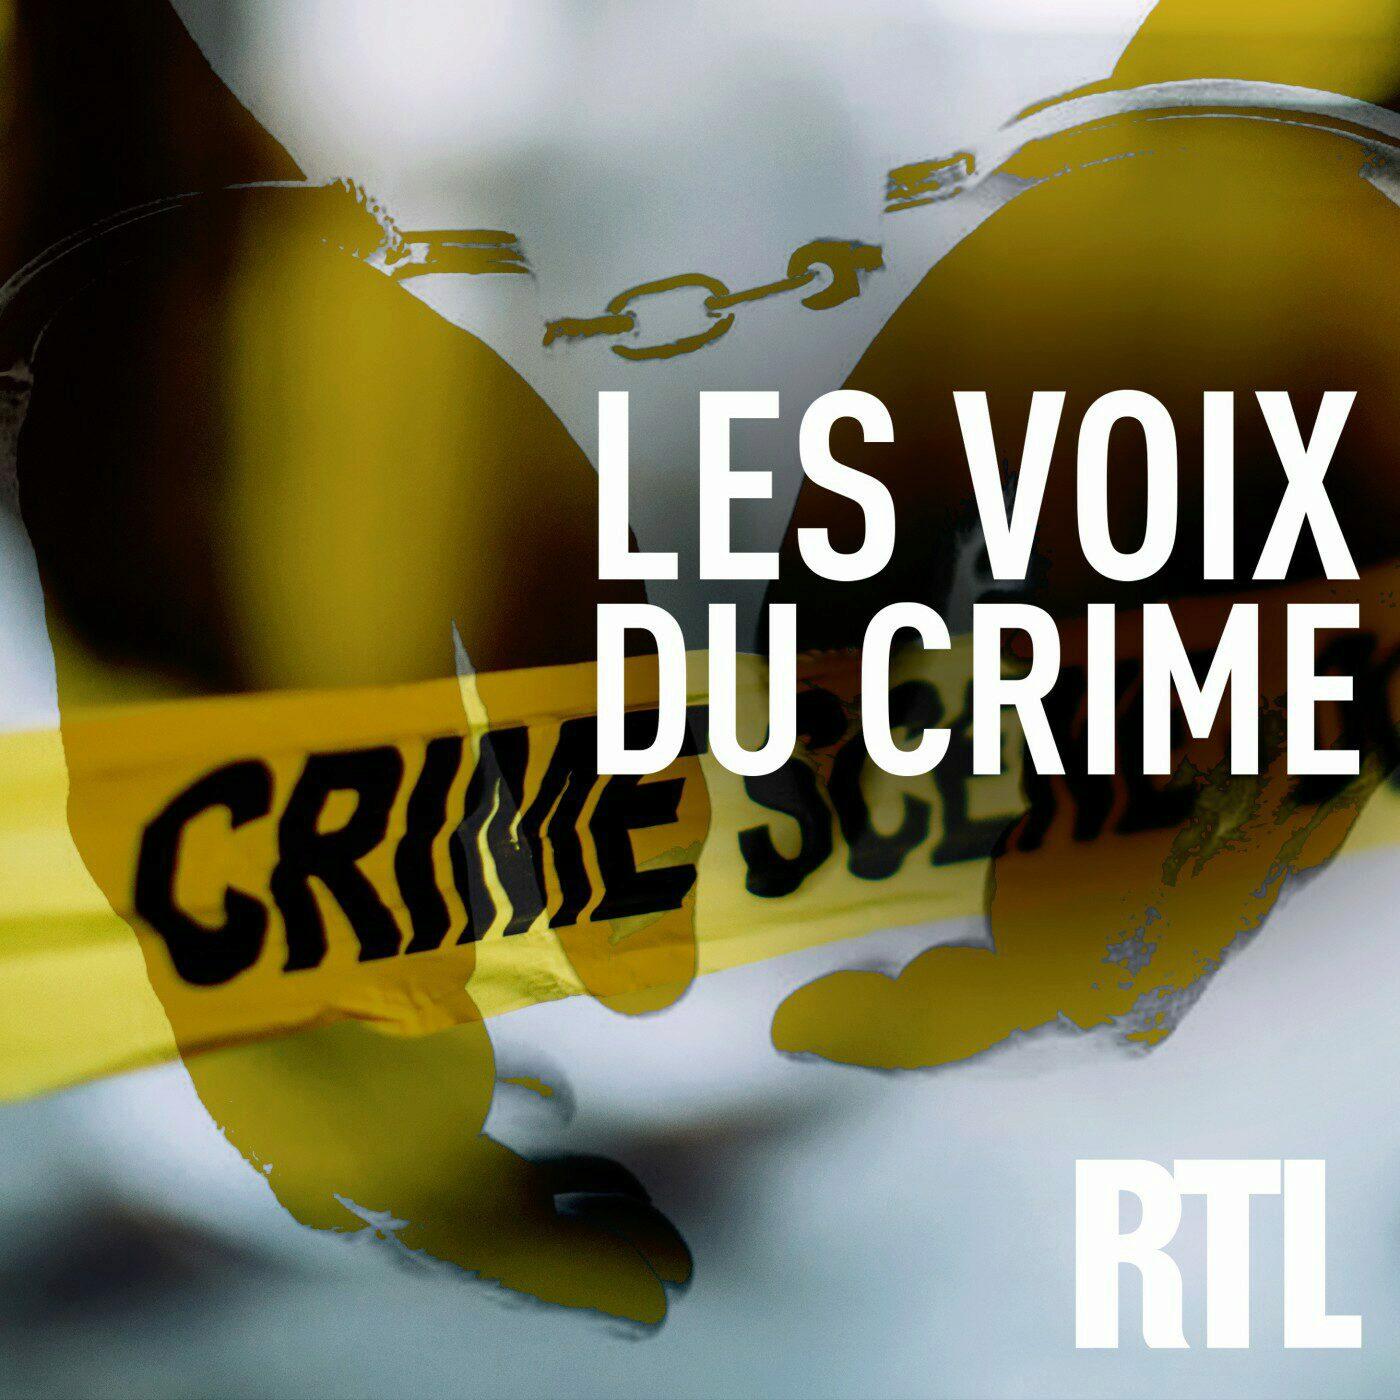 DÉCOUVERTE - Voix du crime - Xavier Dupont de Ligonnès : de la descente aux enfers d'un père de famille à sa disparition (2/2)